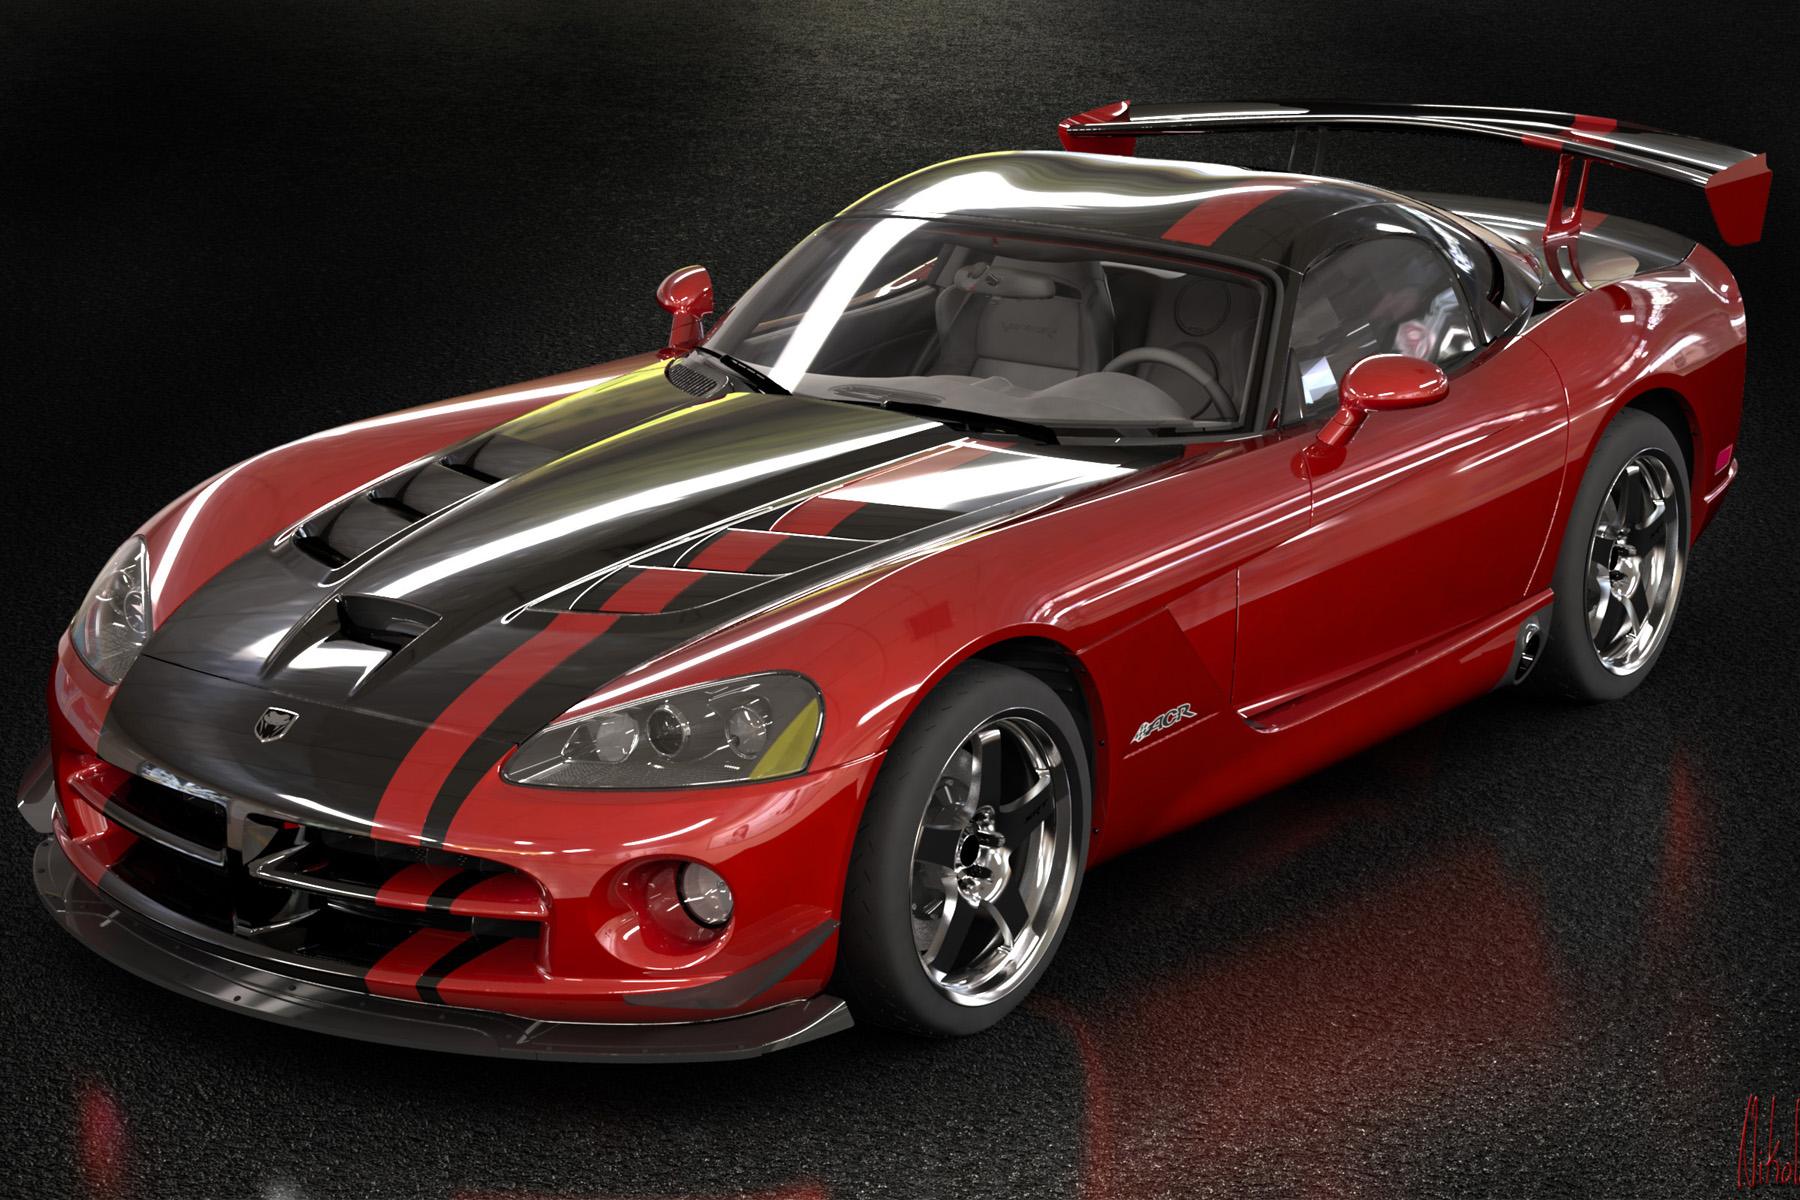 красный спортивный автомобиль Dodge Viper SRT  № 1128466 бесплатно